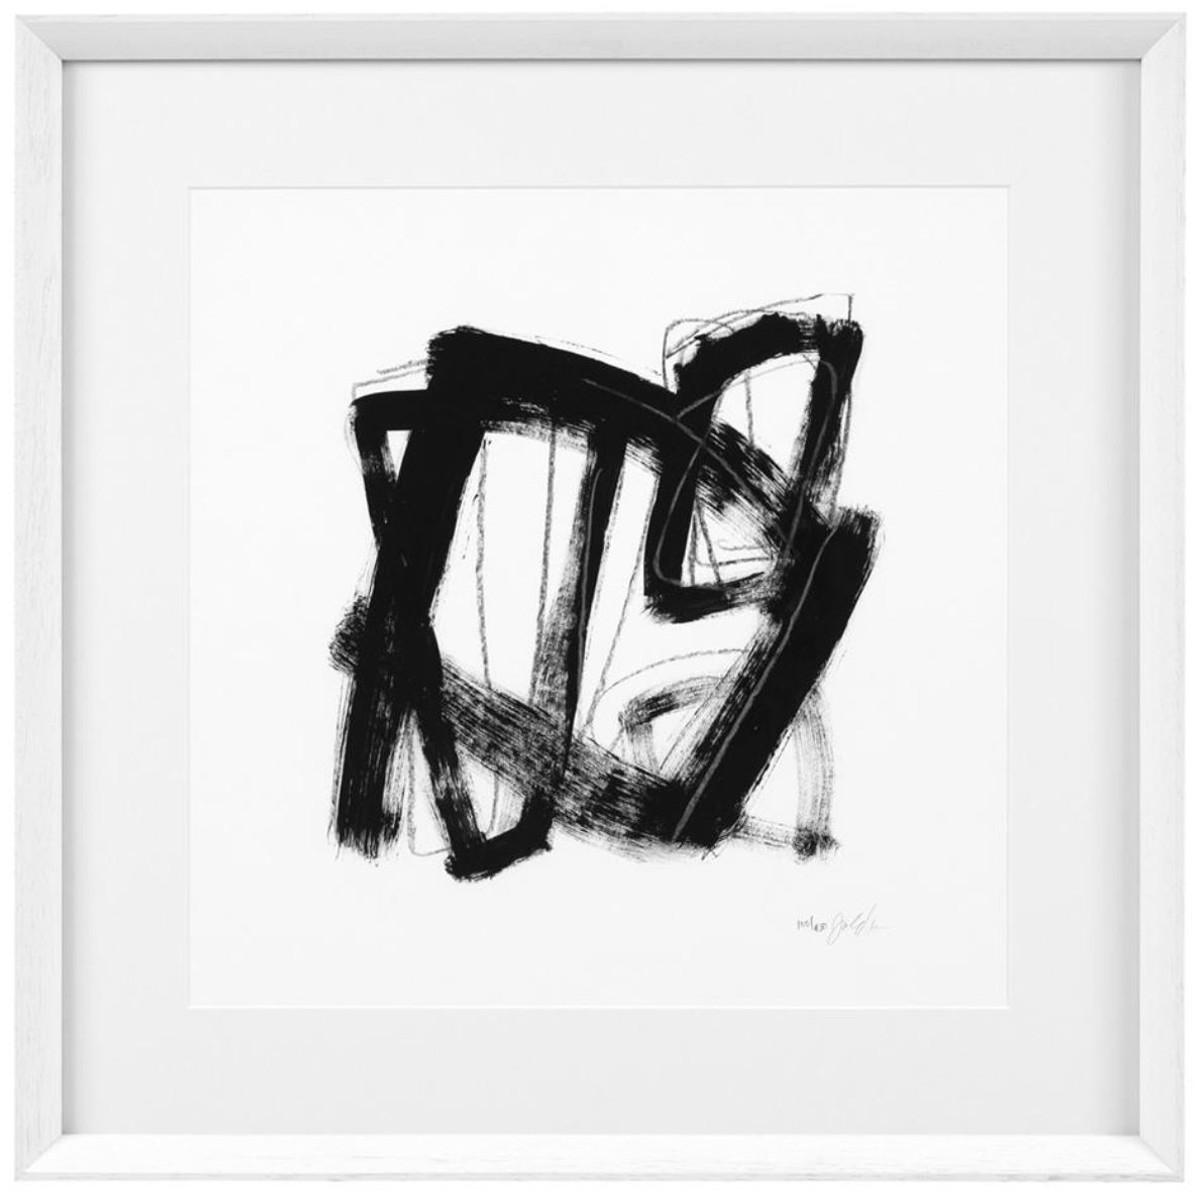 casa padrino designer deko bilder 4er set schwarz wei 58 x h 58 cm luxus kunstdrucke. Black Bedroom Furniture Sets. Home Design Ideas